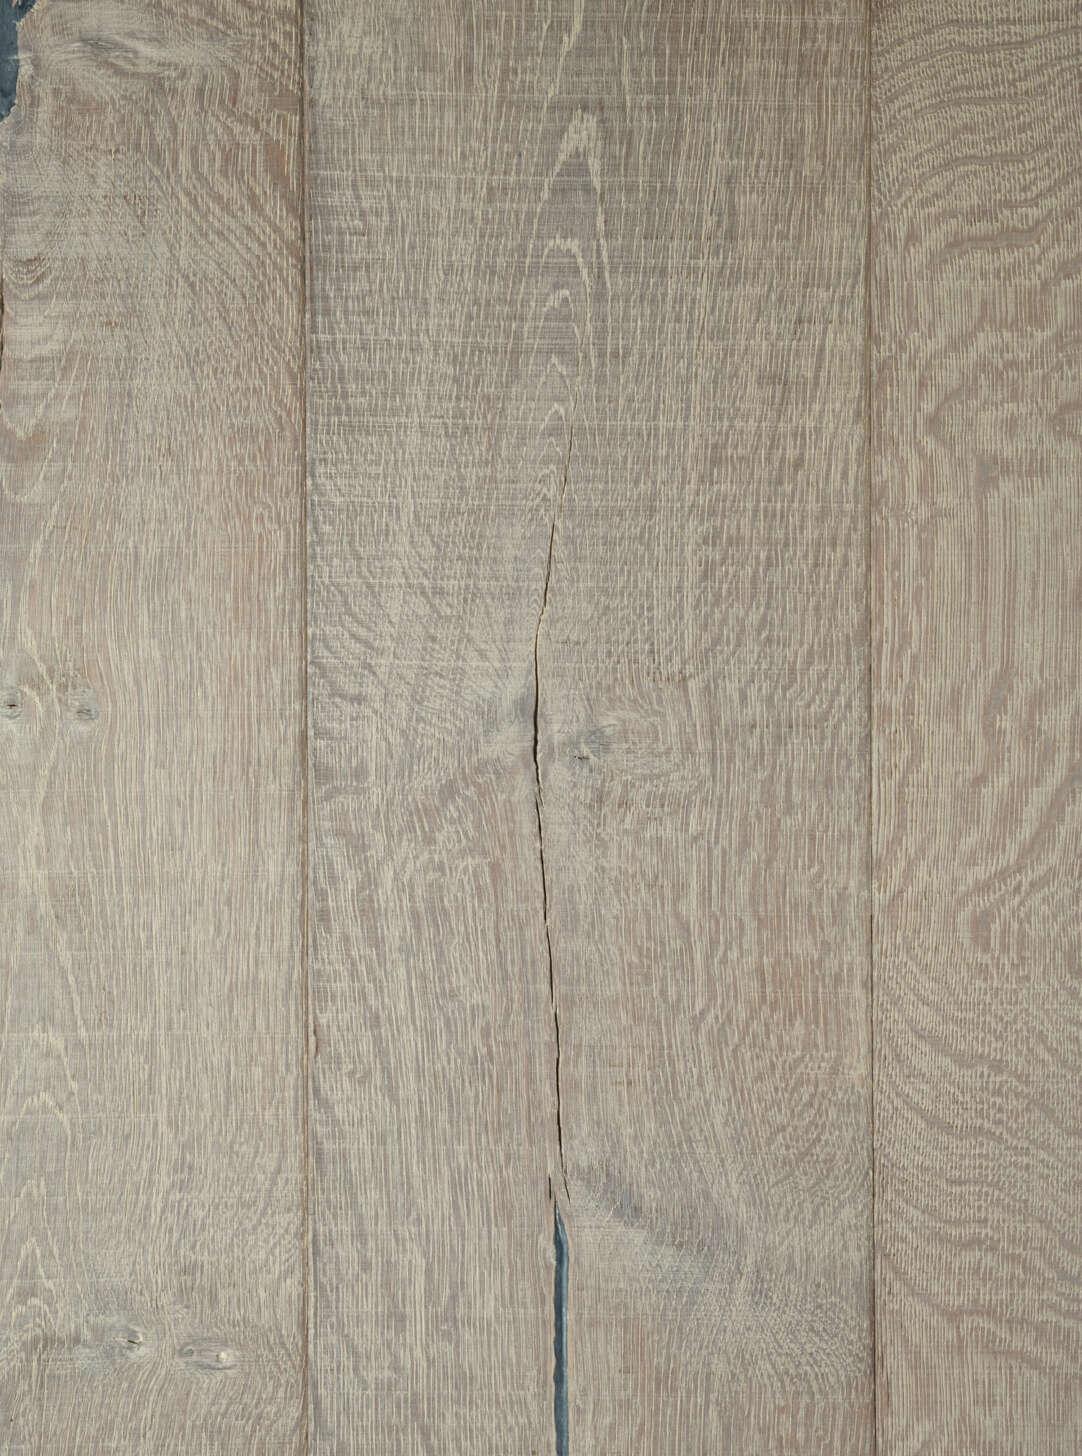 Oak heritage apse plank